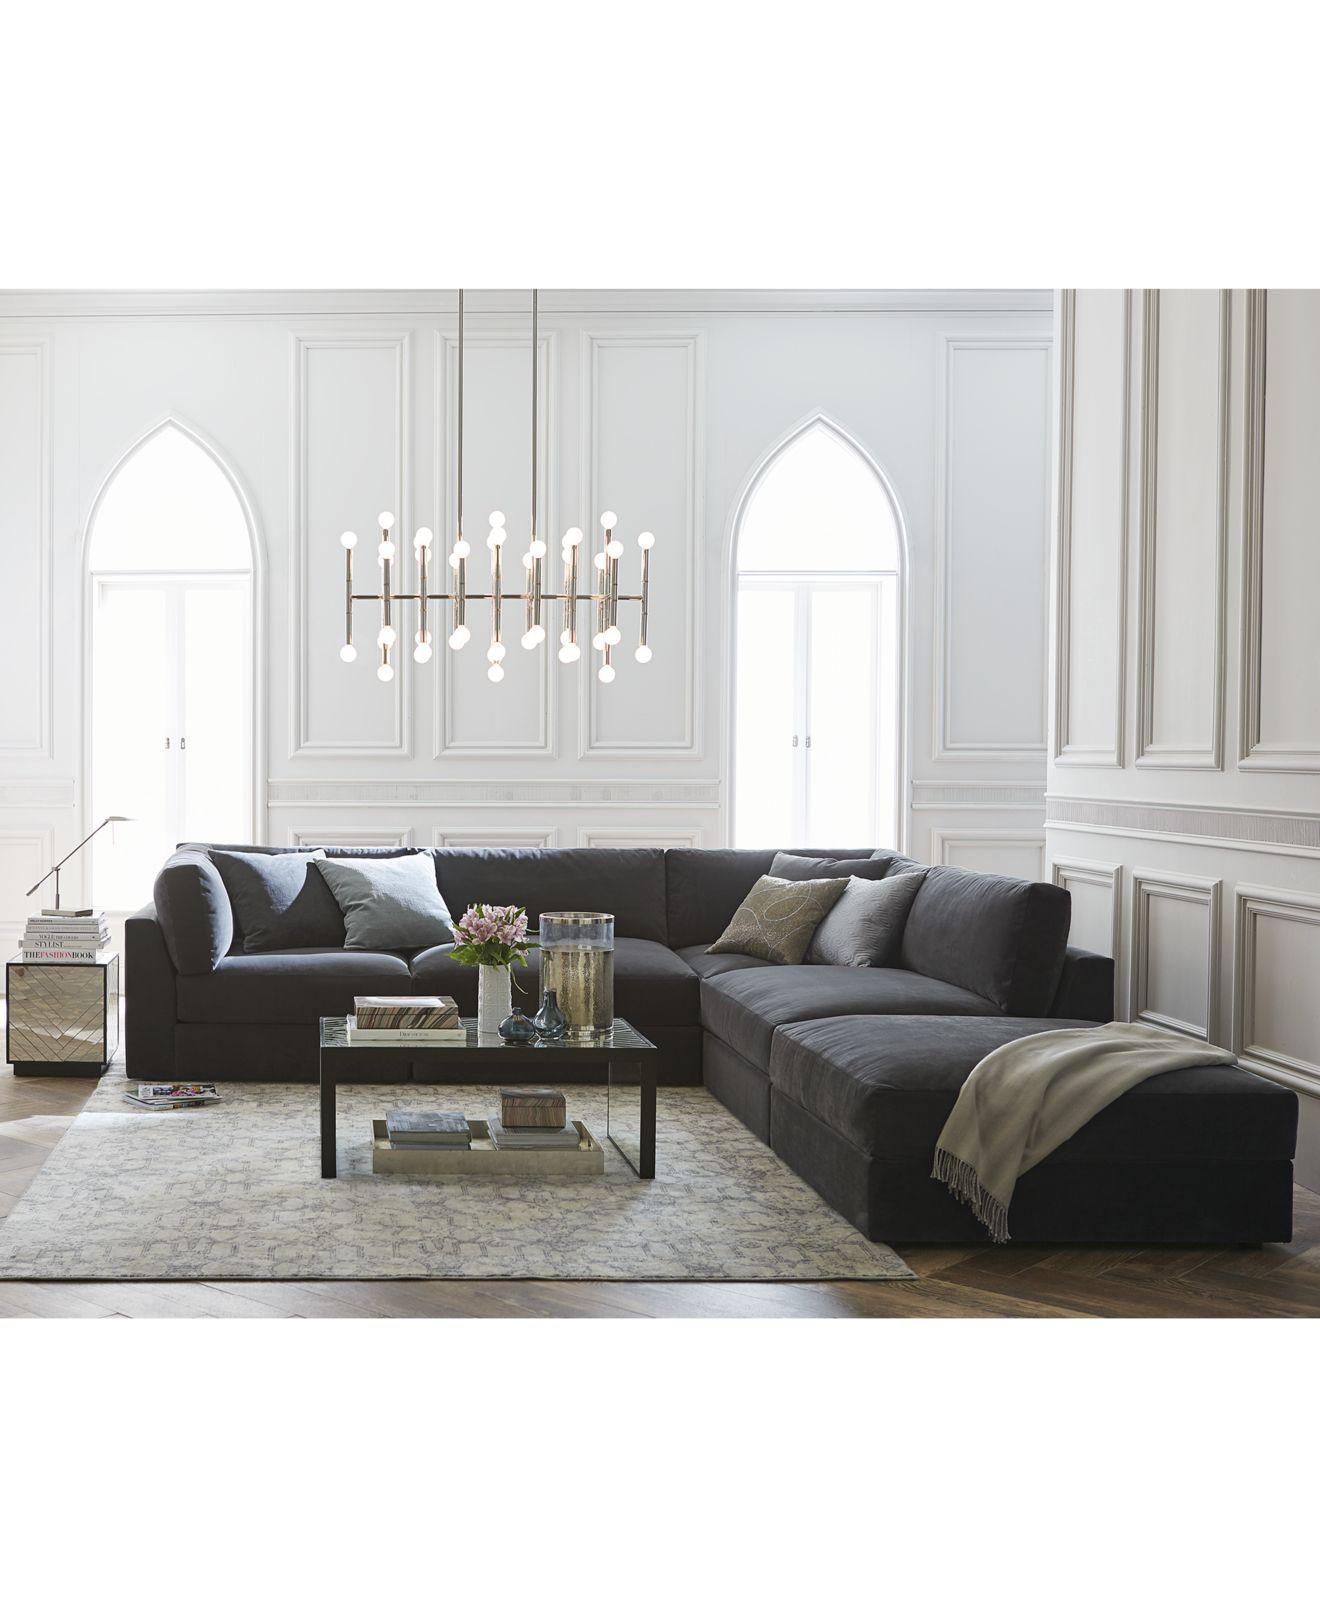 flexsteel sofa Shop for and Buy flexsteel sofa line Macy s